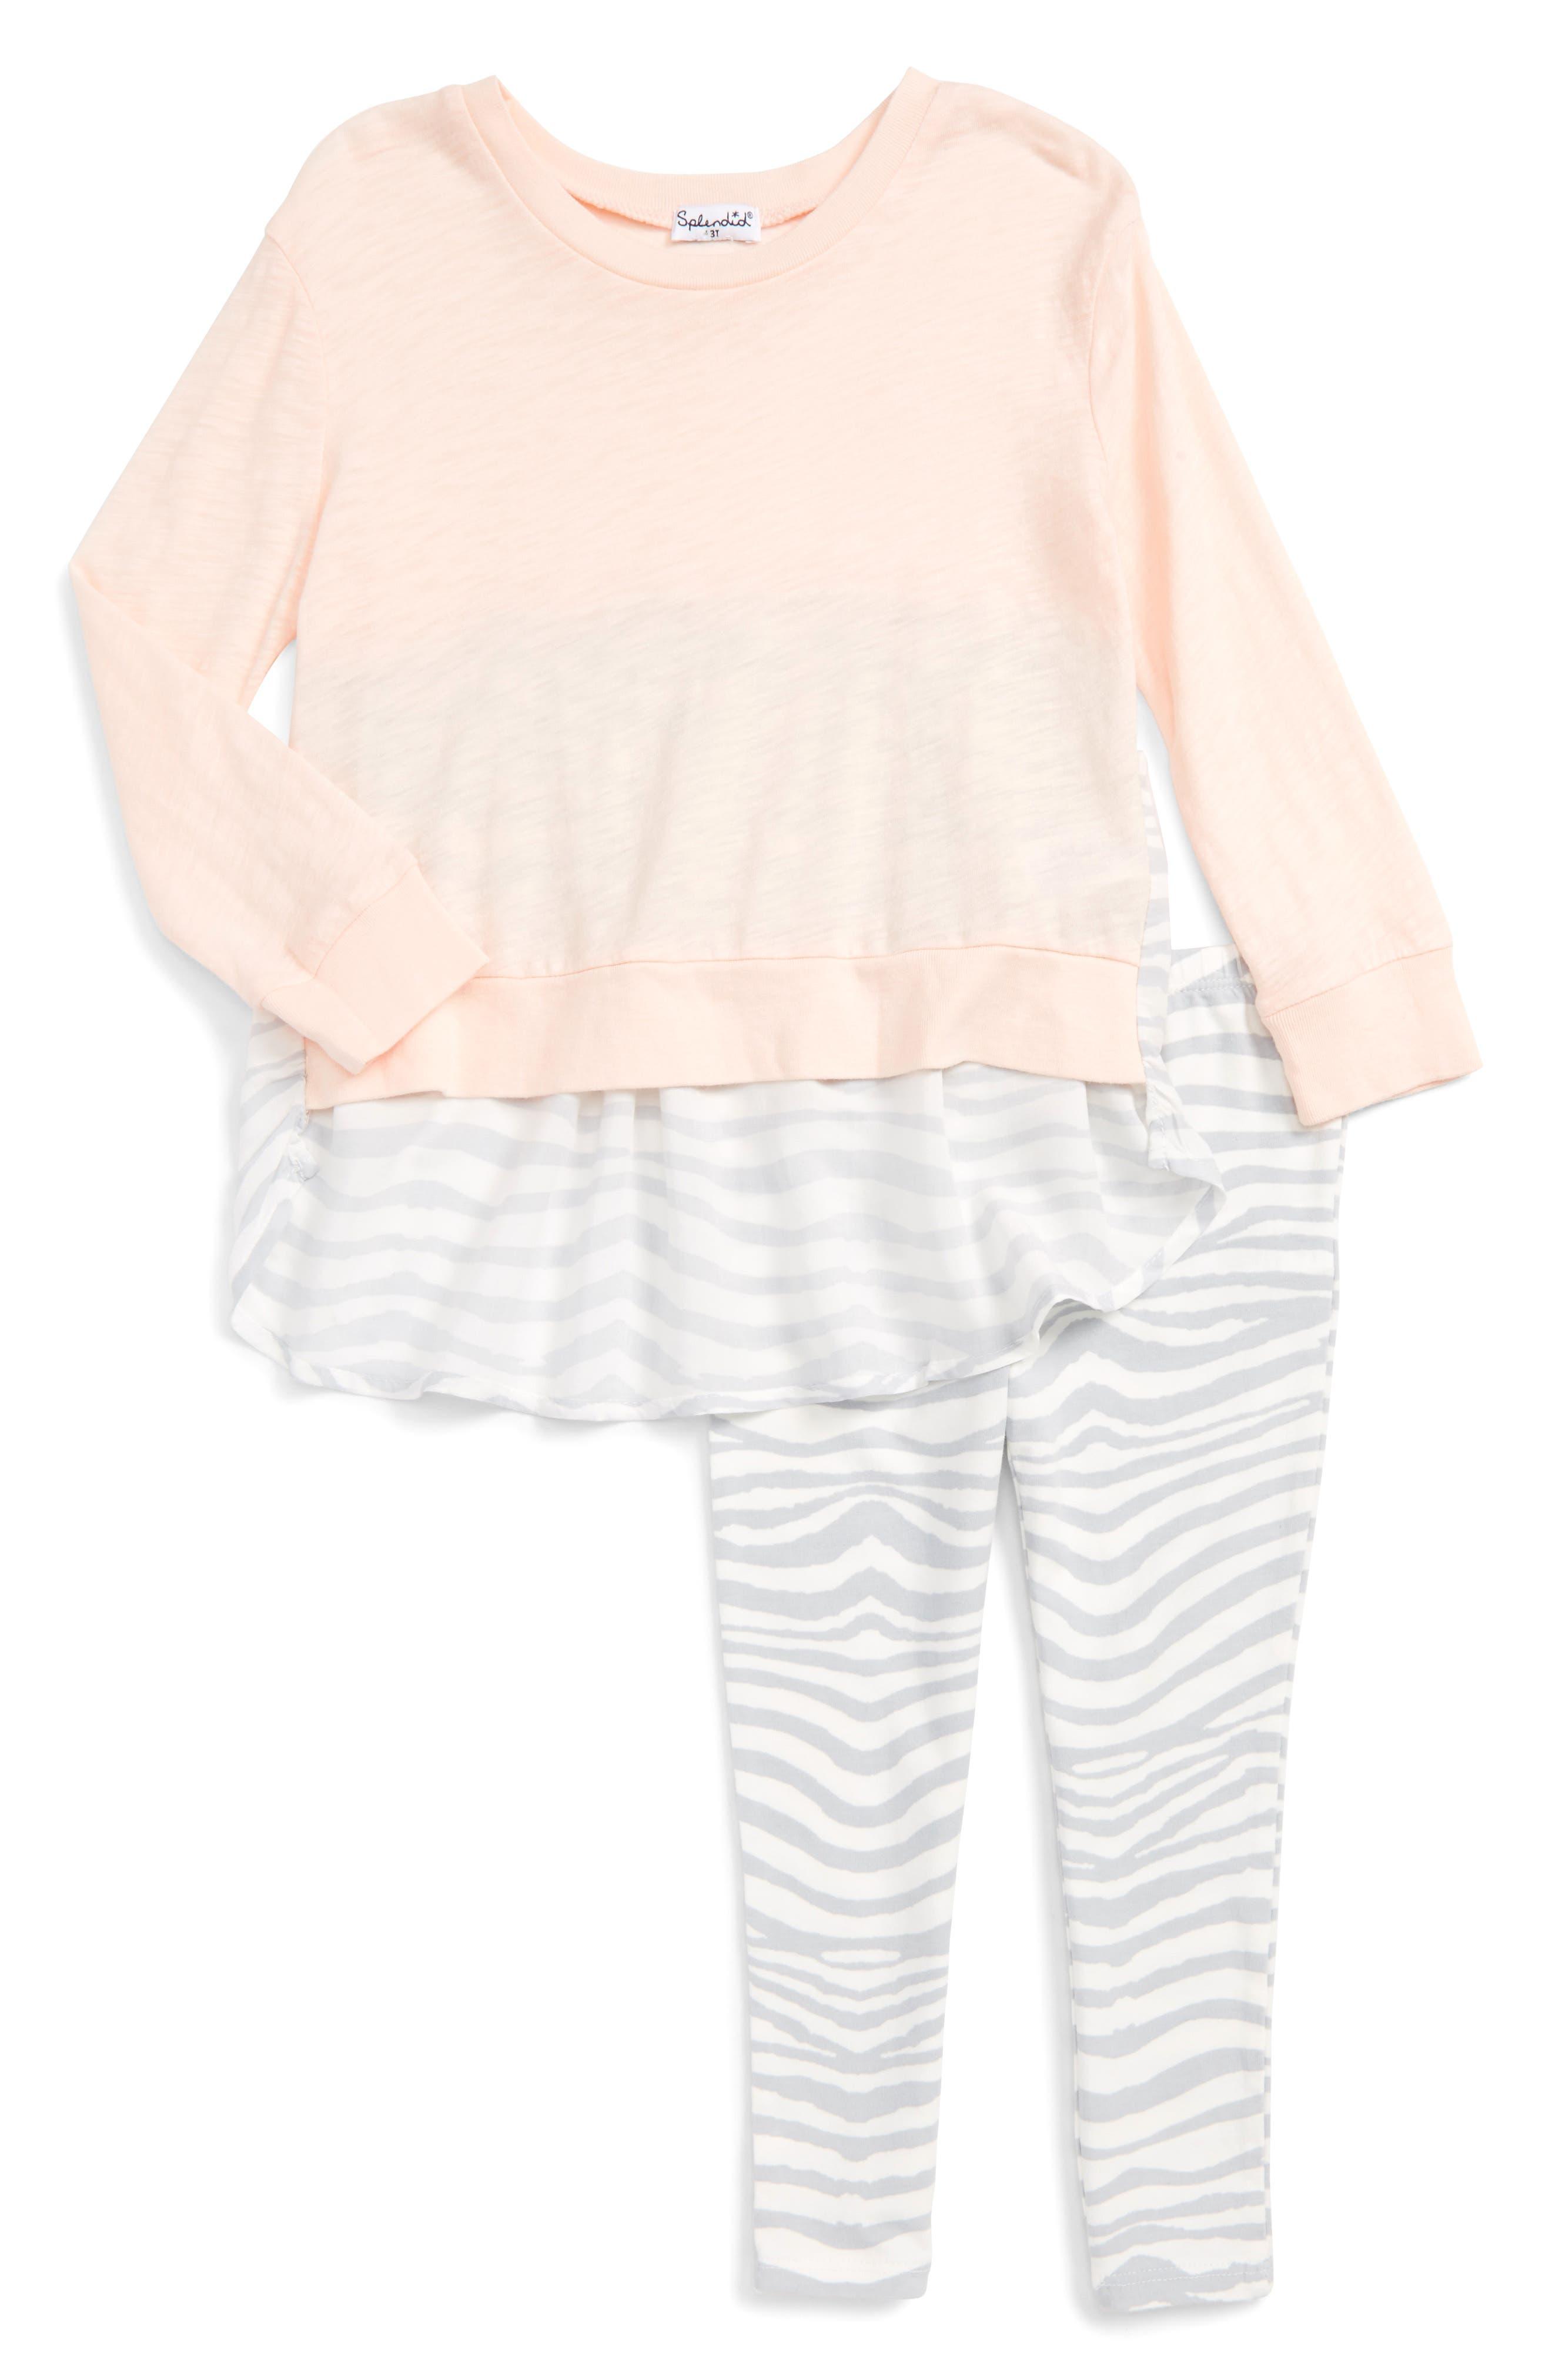 Splendid Sweatshirt & Zebra Print Leggings Set (Toddler Girls)